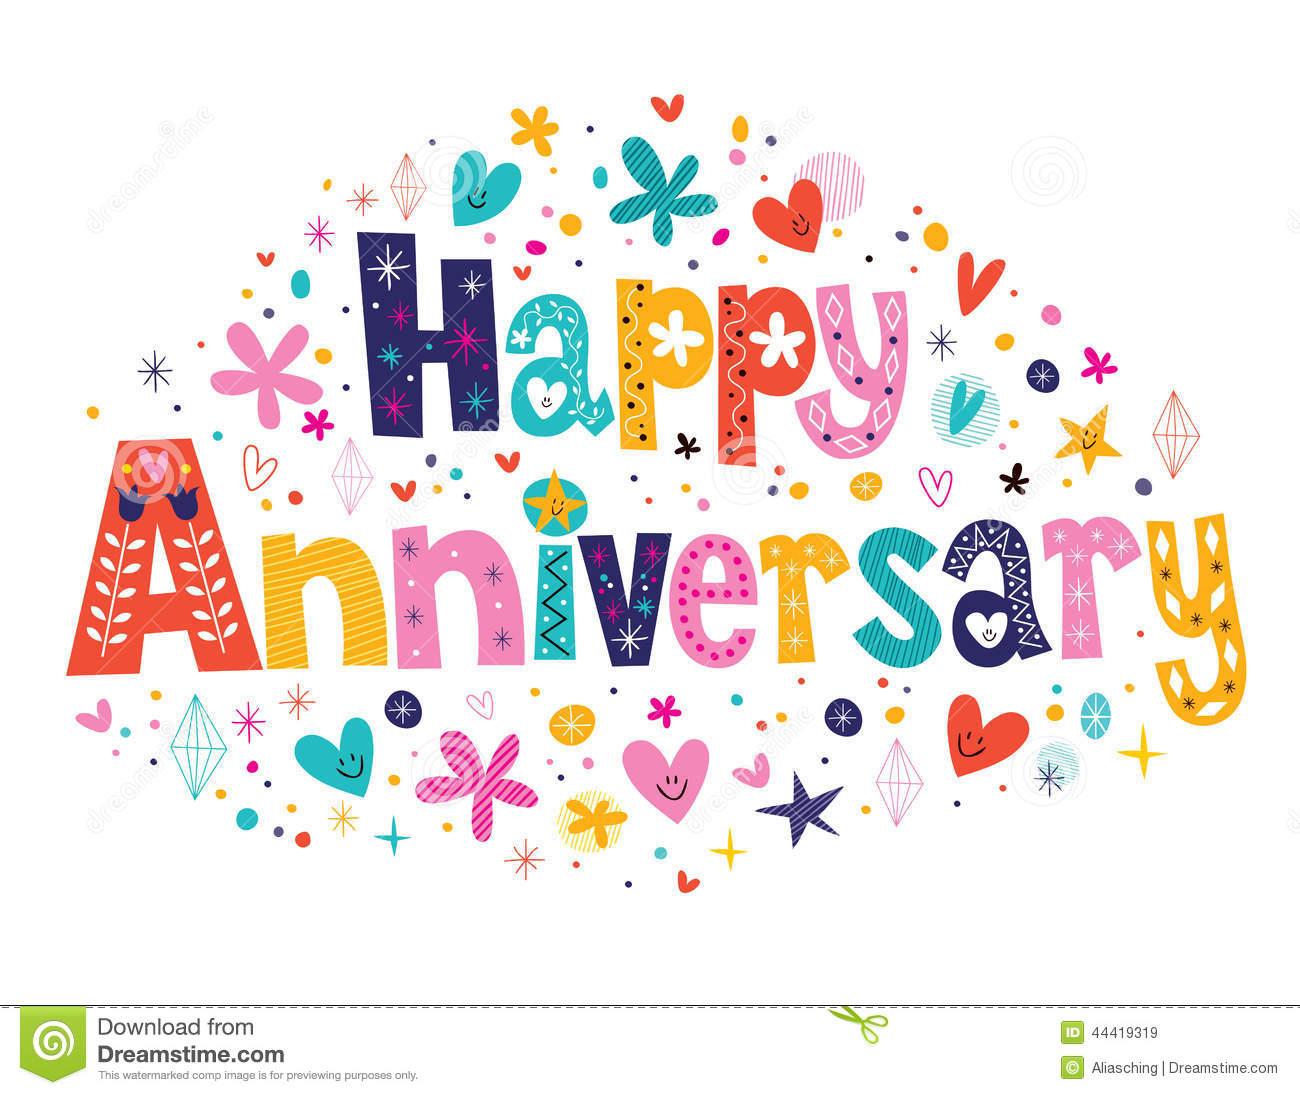 Happy Anniversary 2 Clipart ... F8f049c9-Happy Anniversary 2 Clipart ... f8f049c92d3874632d3e964ed48bf4 .-11